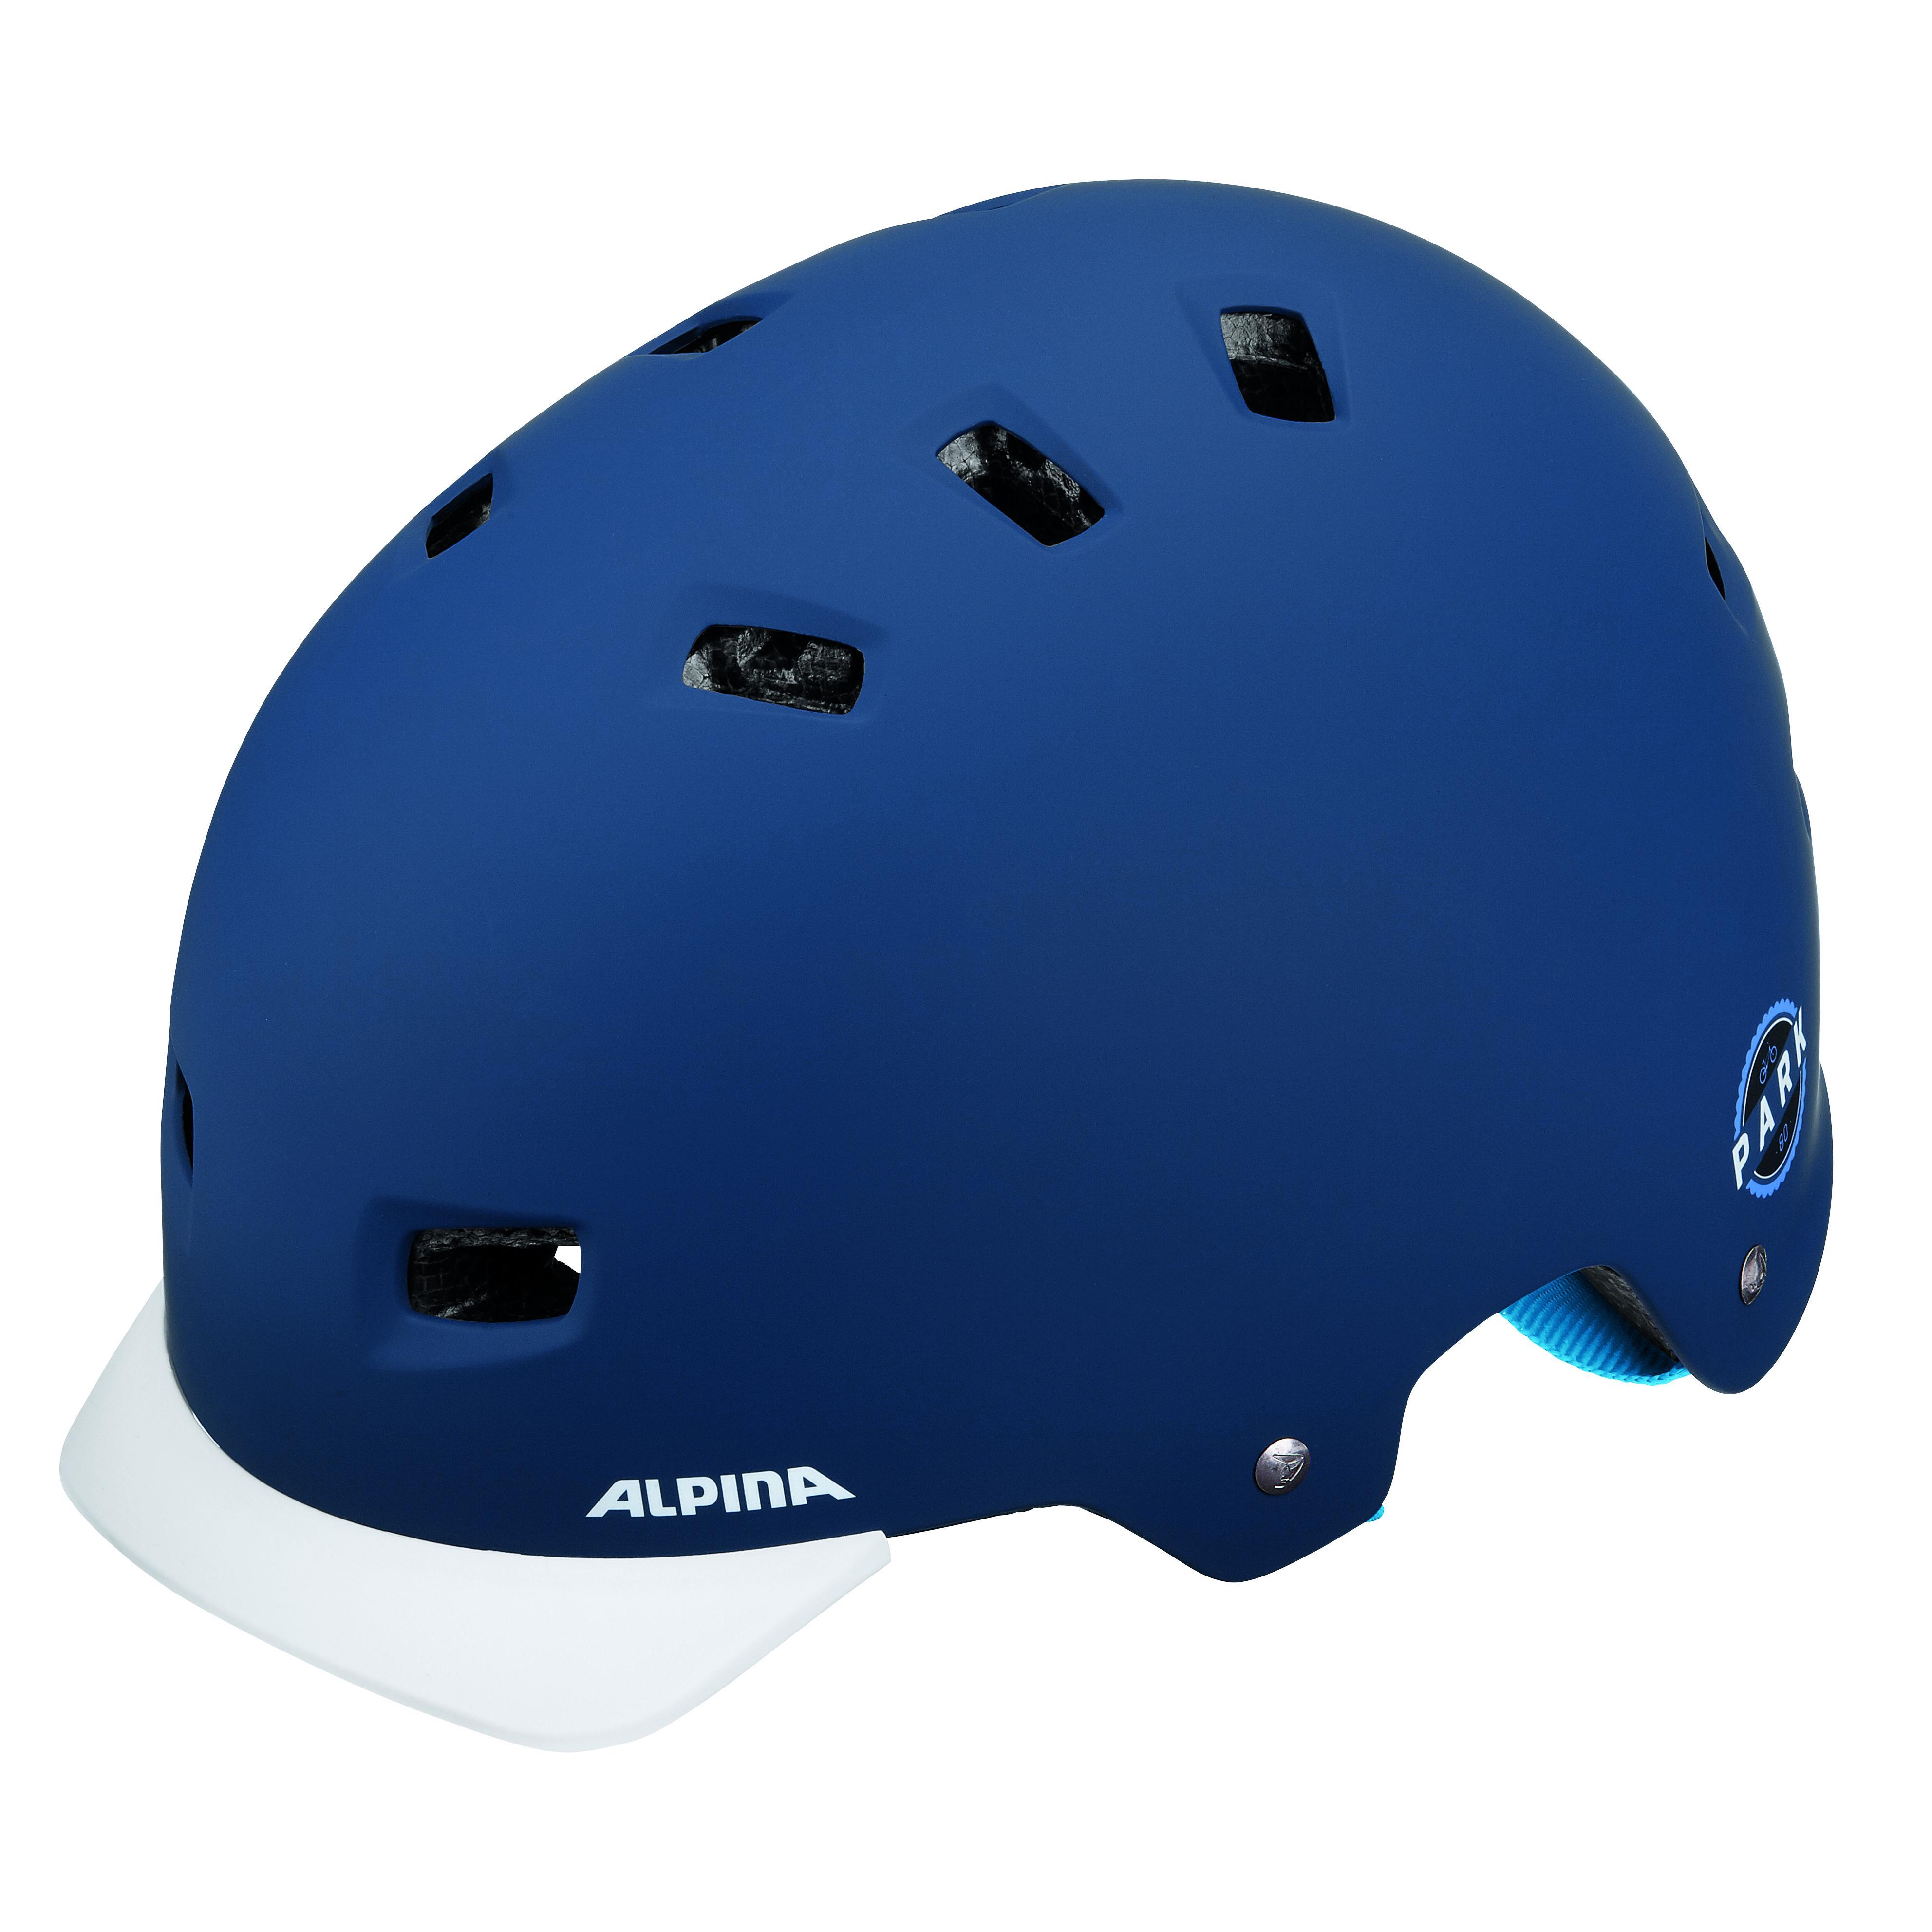 Велошлем Alpina 2018 Alpina Park Deepblue